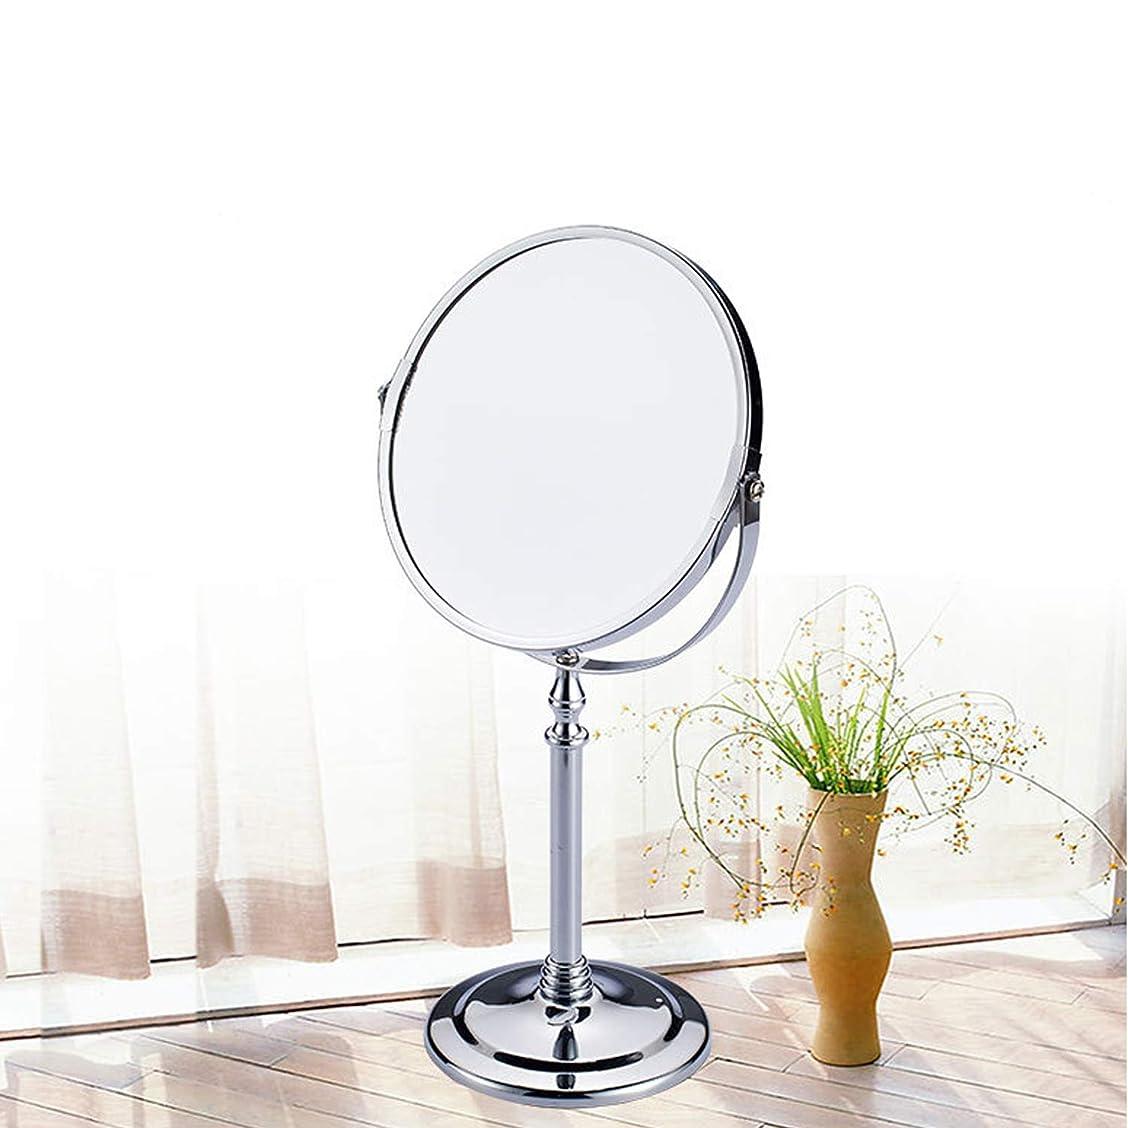 追い出すクラフトである化粧镜,デスクトップ360度回転ミラー7インチ両面2倍hd美容ドレッシングテーブルミラーラウンドミラーシンプルなデザインフレーム化粧道具,鏡 折りたたみ